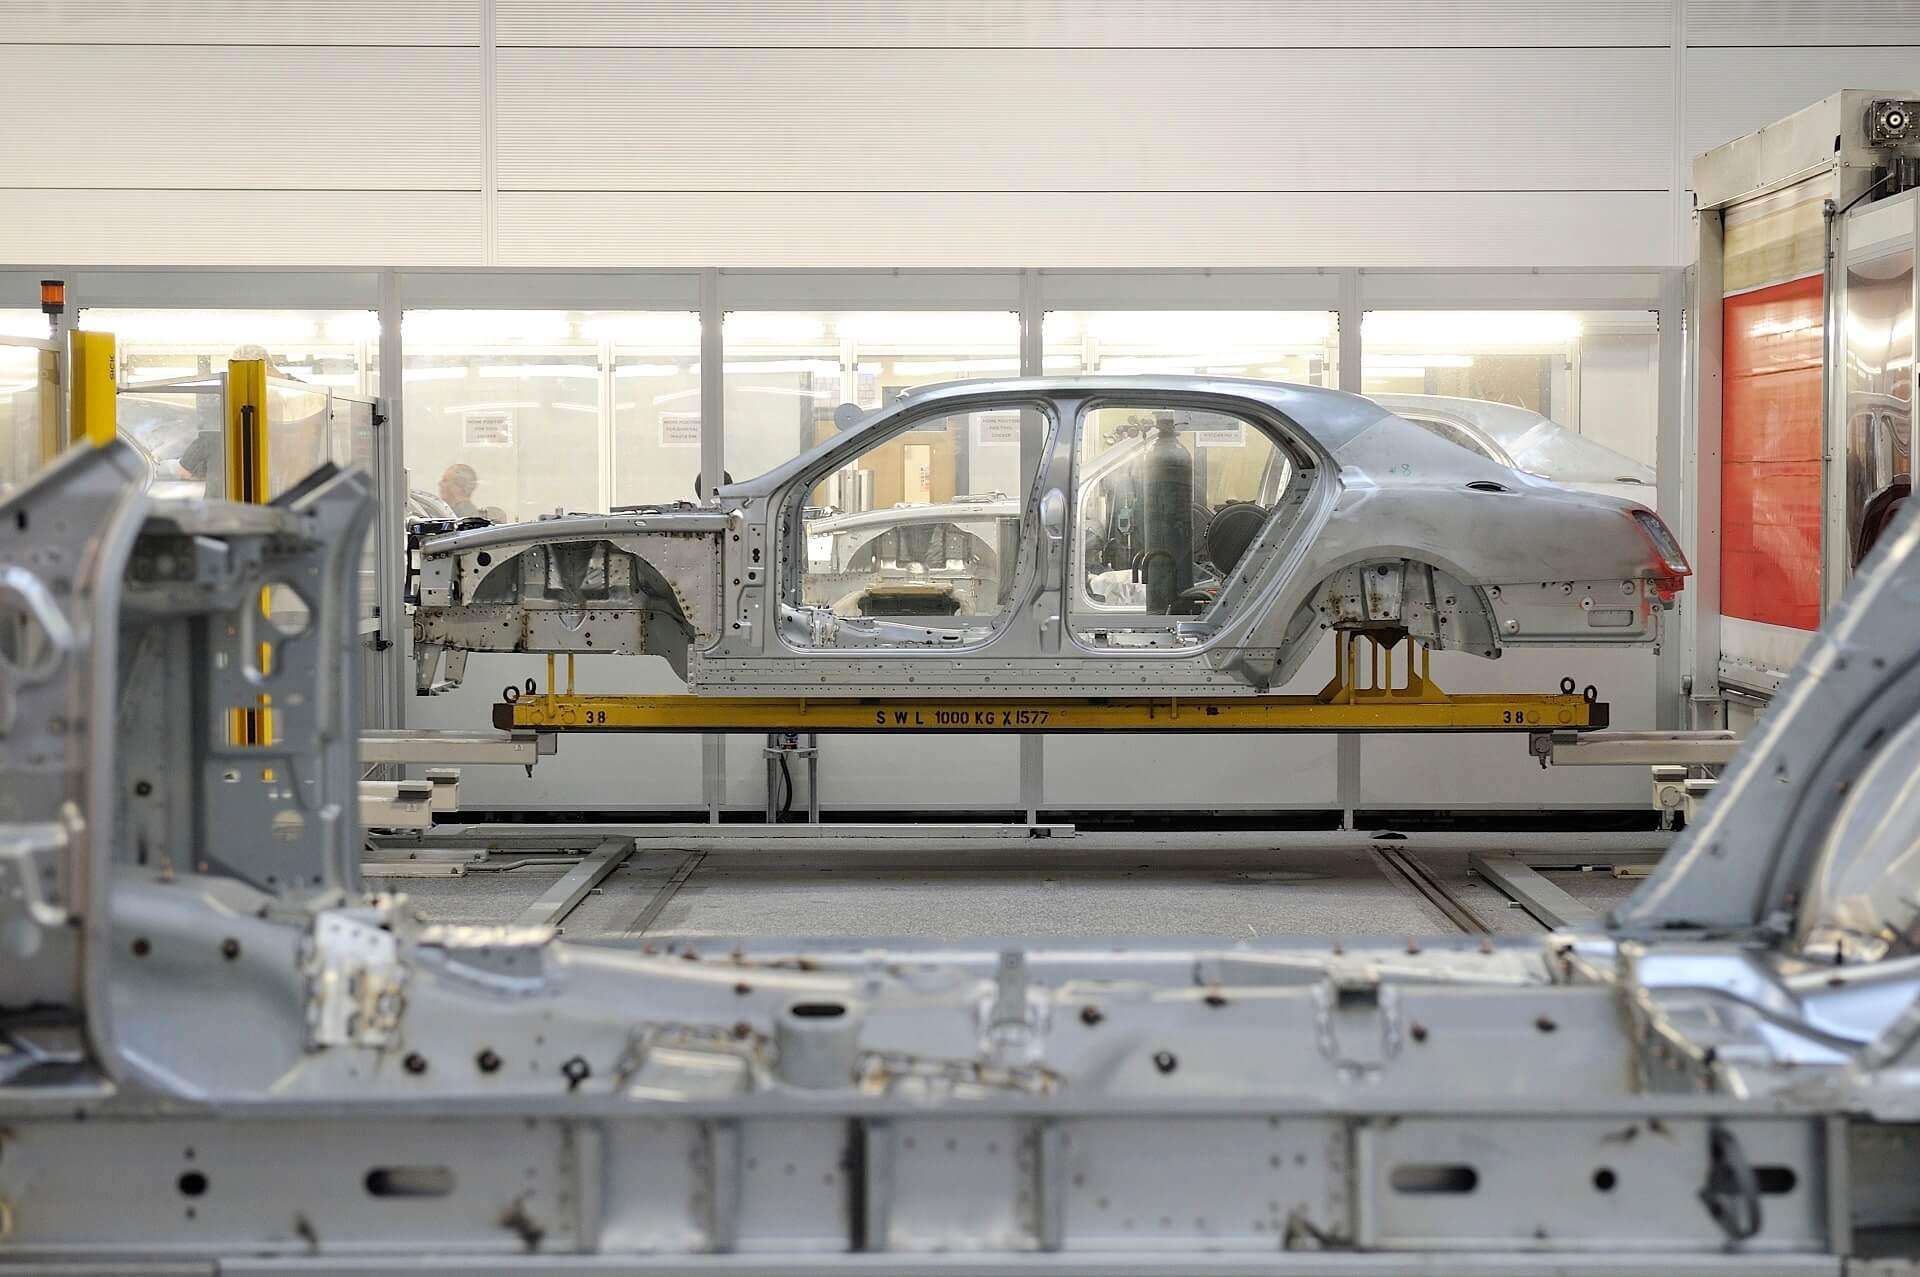 Χειροποίητη κατασκευή της Bentley Mulsanne - Το αμάξωμα